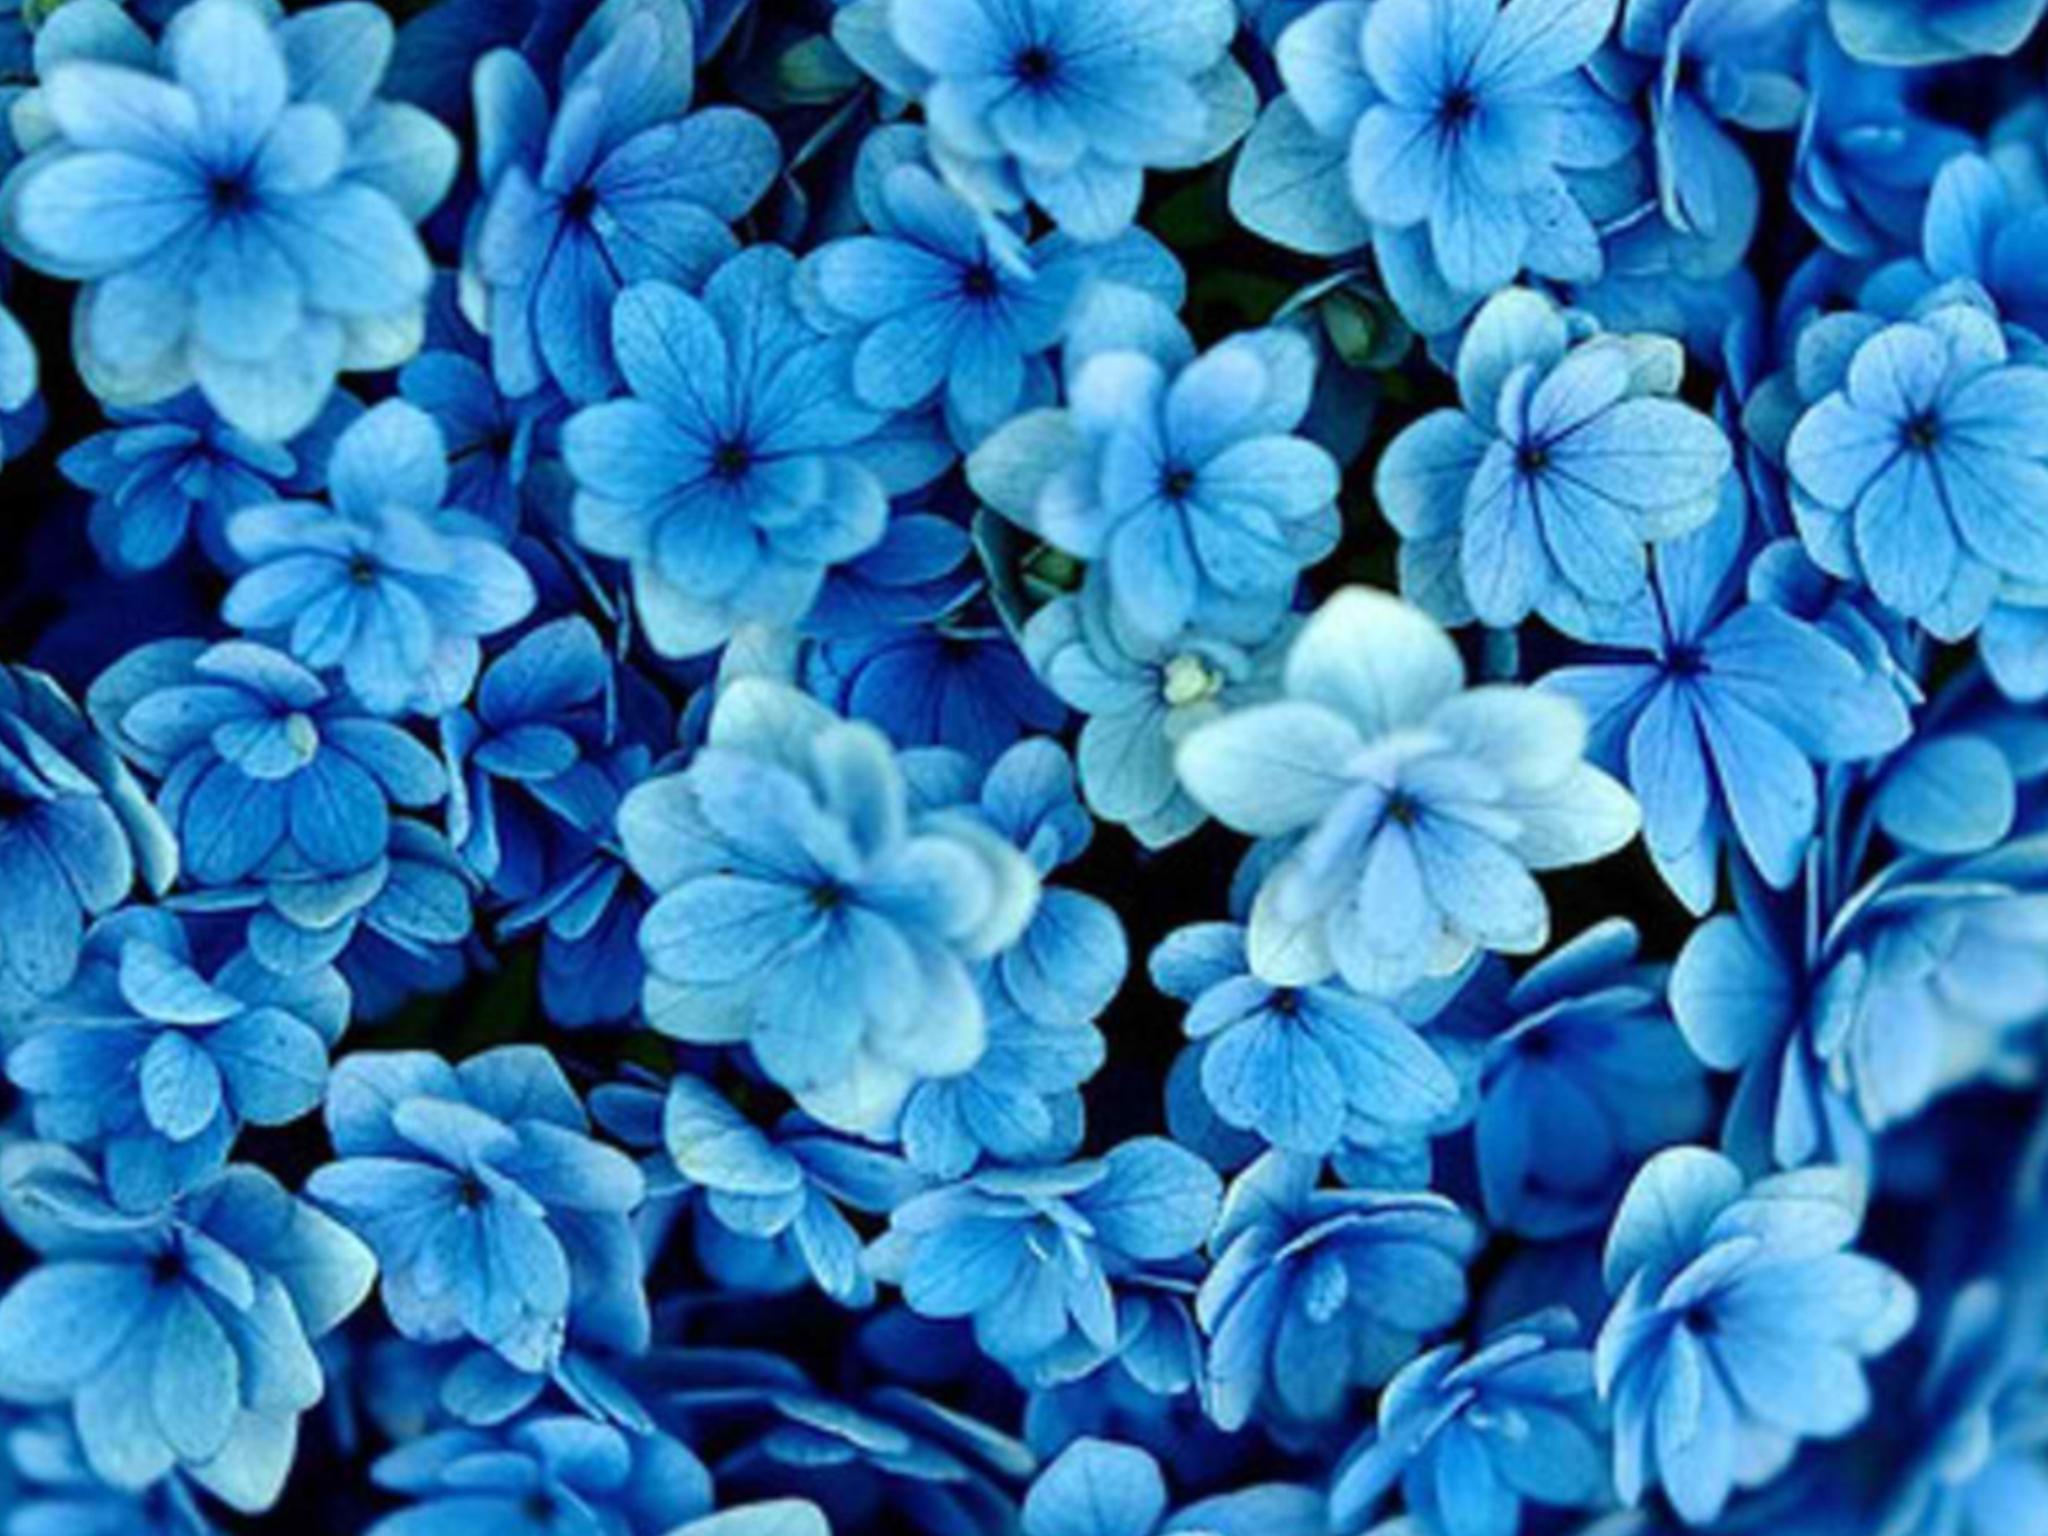 Pinterest Flowers: Blue Flowers On Pinterest 4 Free Hd Wallpaper